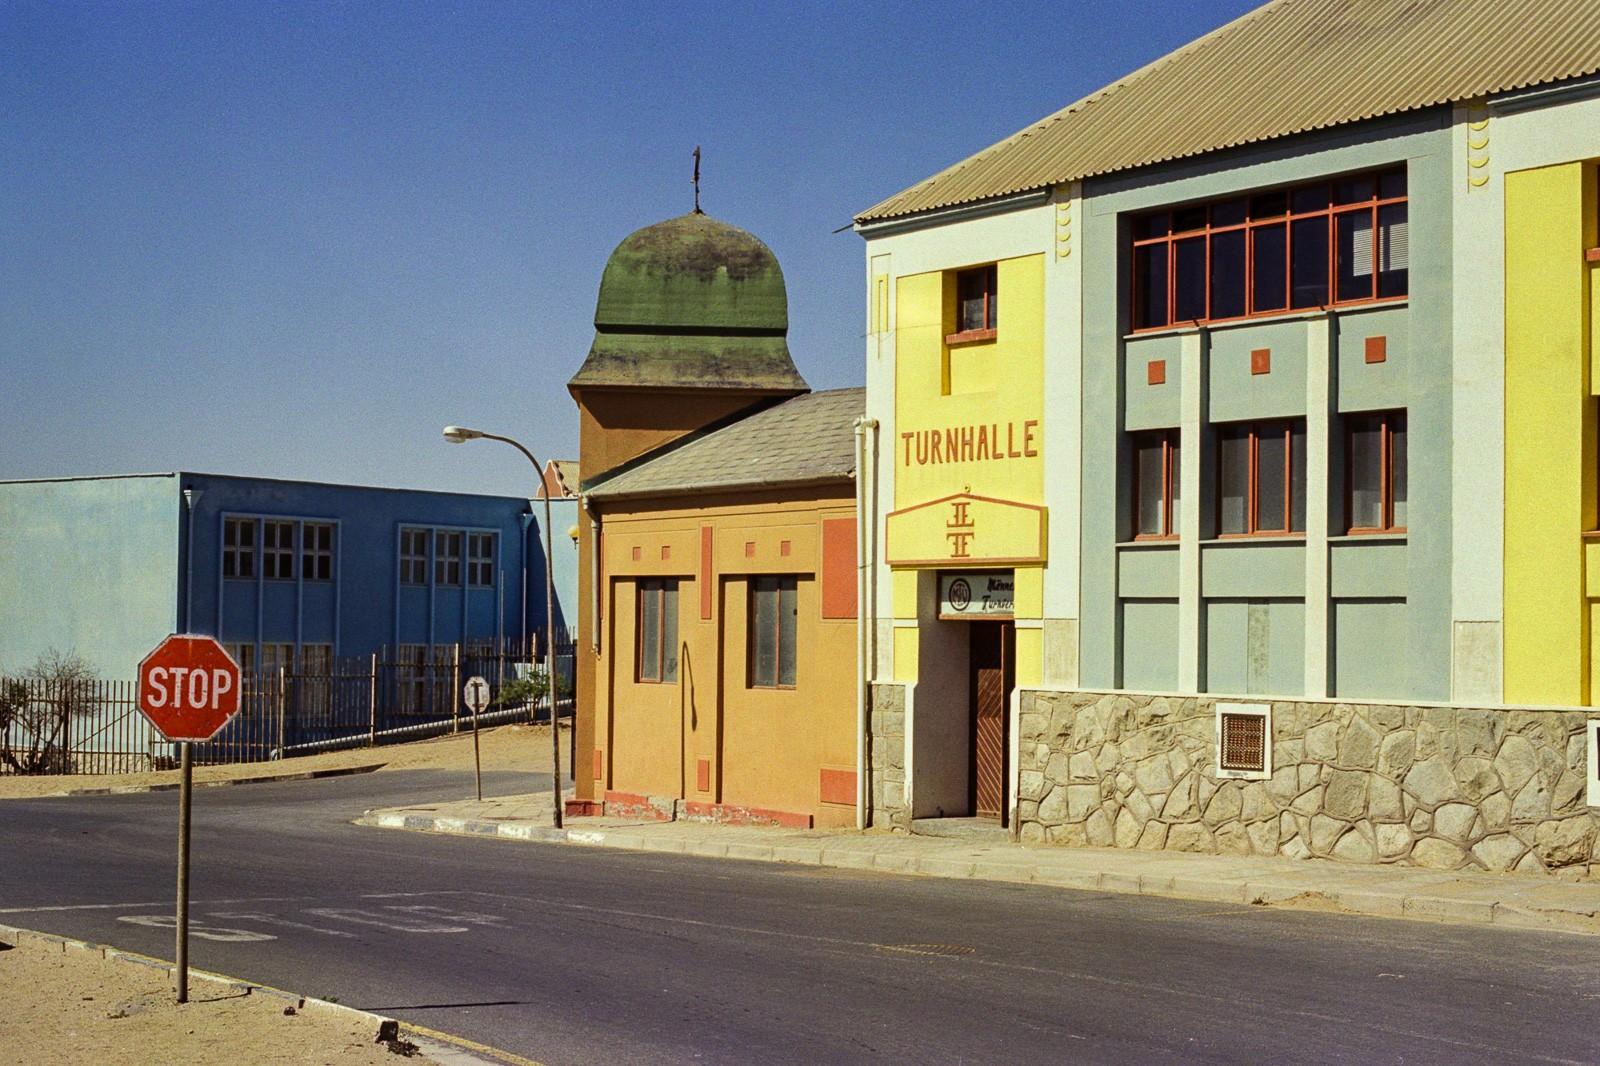 lüderitz namibia city portrait stop sign